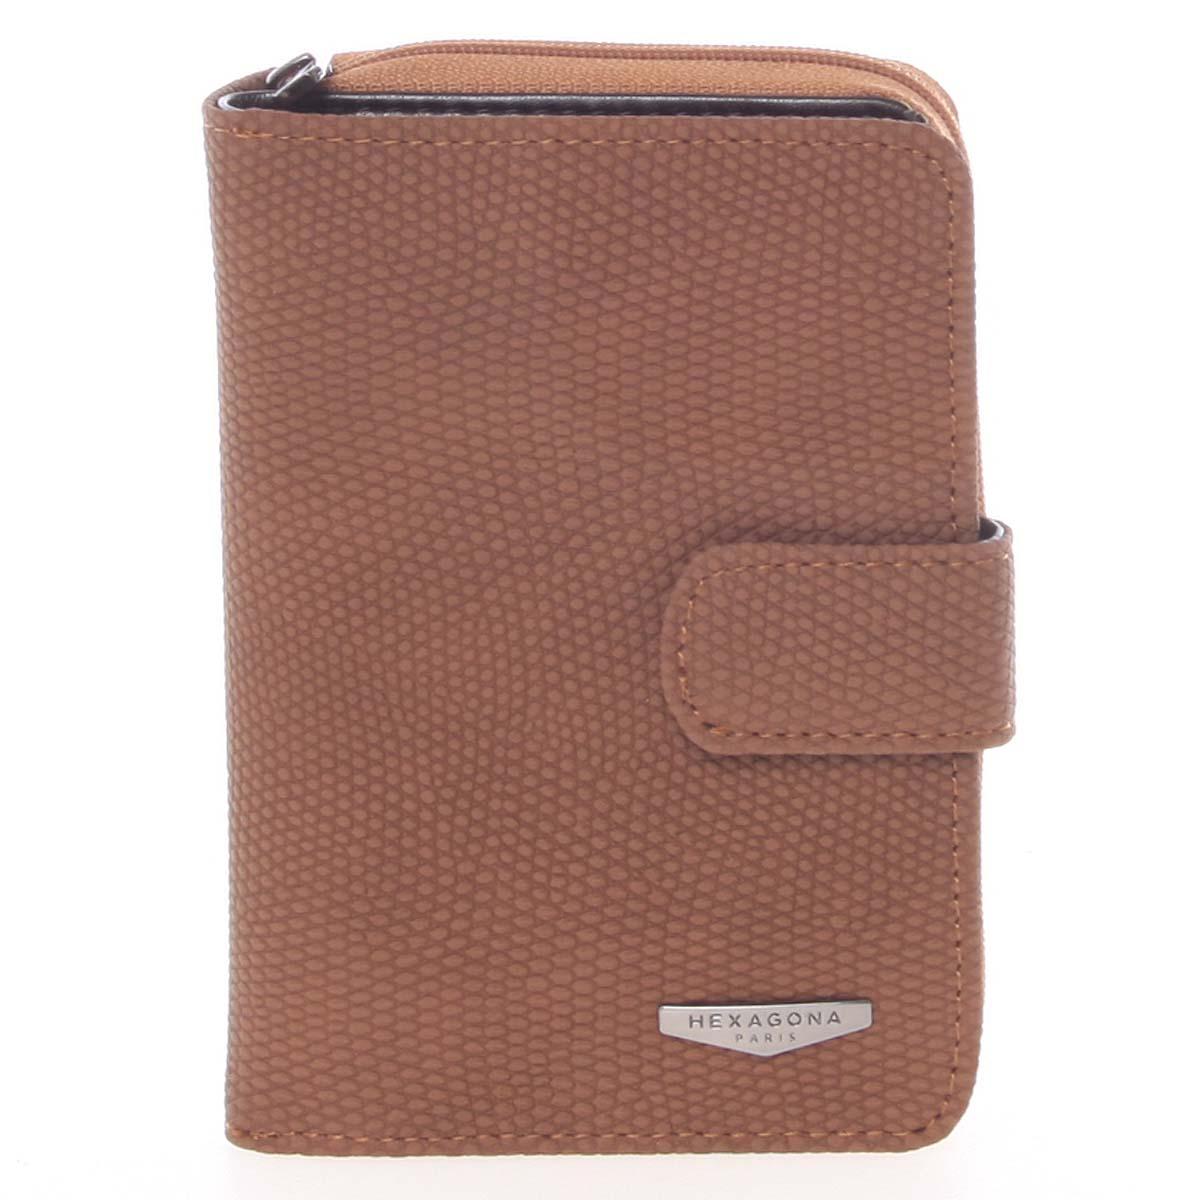 Originální dámská dvoudílná hnědá peněženka - HEXAGONA Reezzi